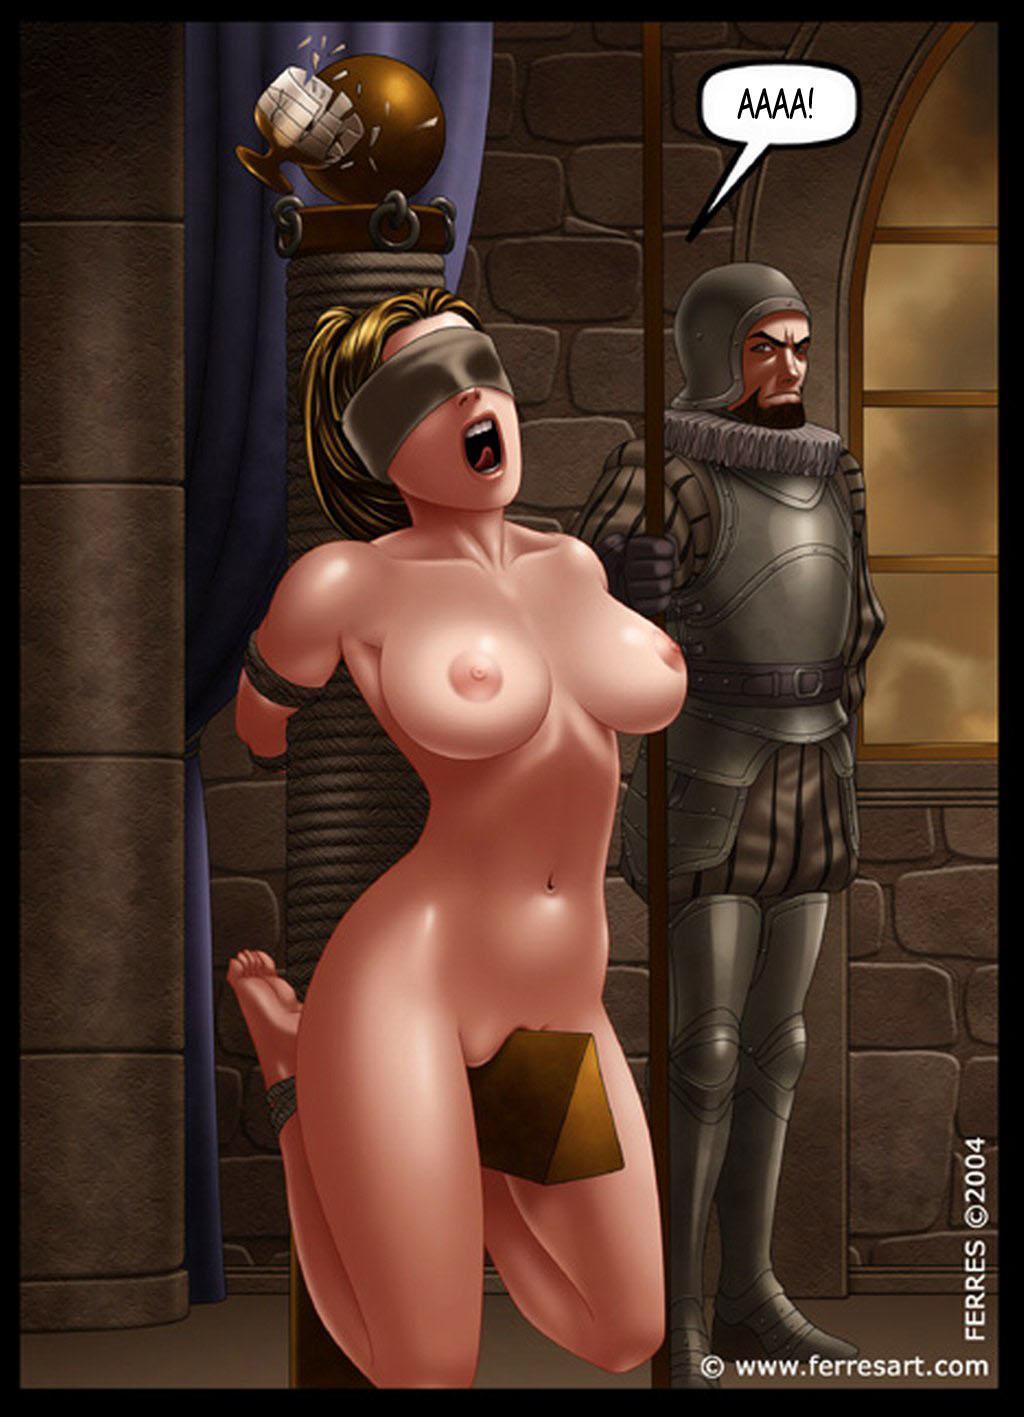 фазе порно рабыня средневековье немного